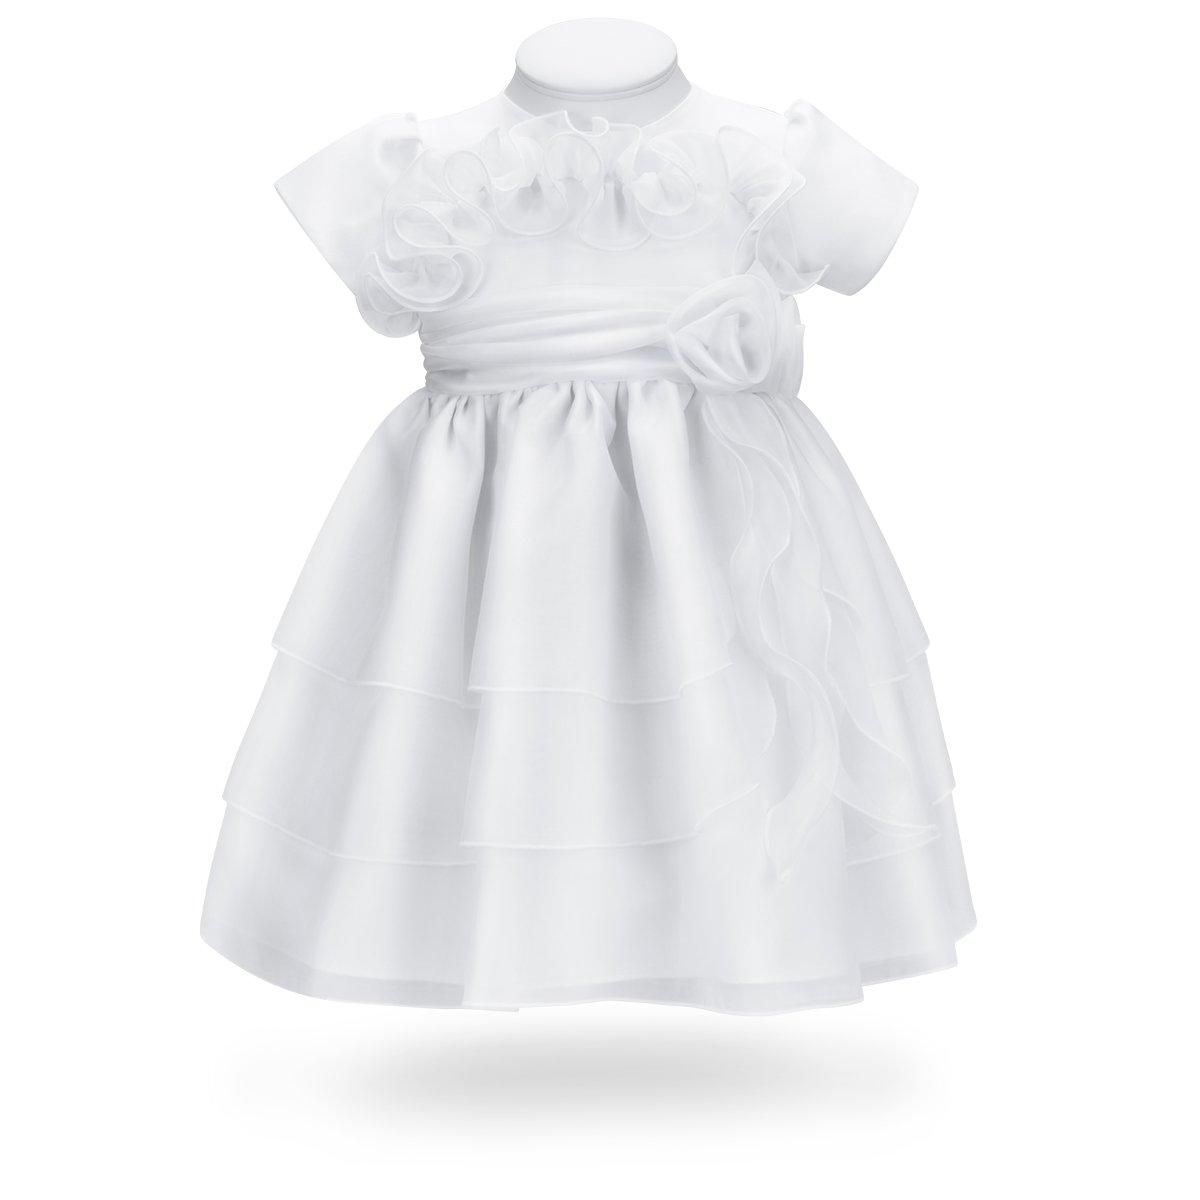 6163d6a790 Sukienka na chrzest do chrztu biała potrójna falbana ...